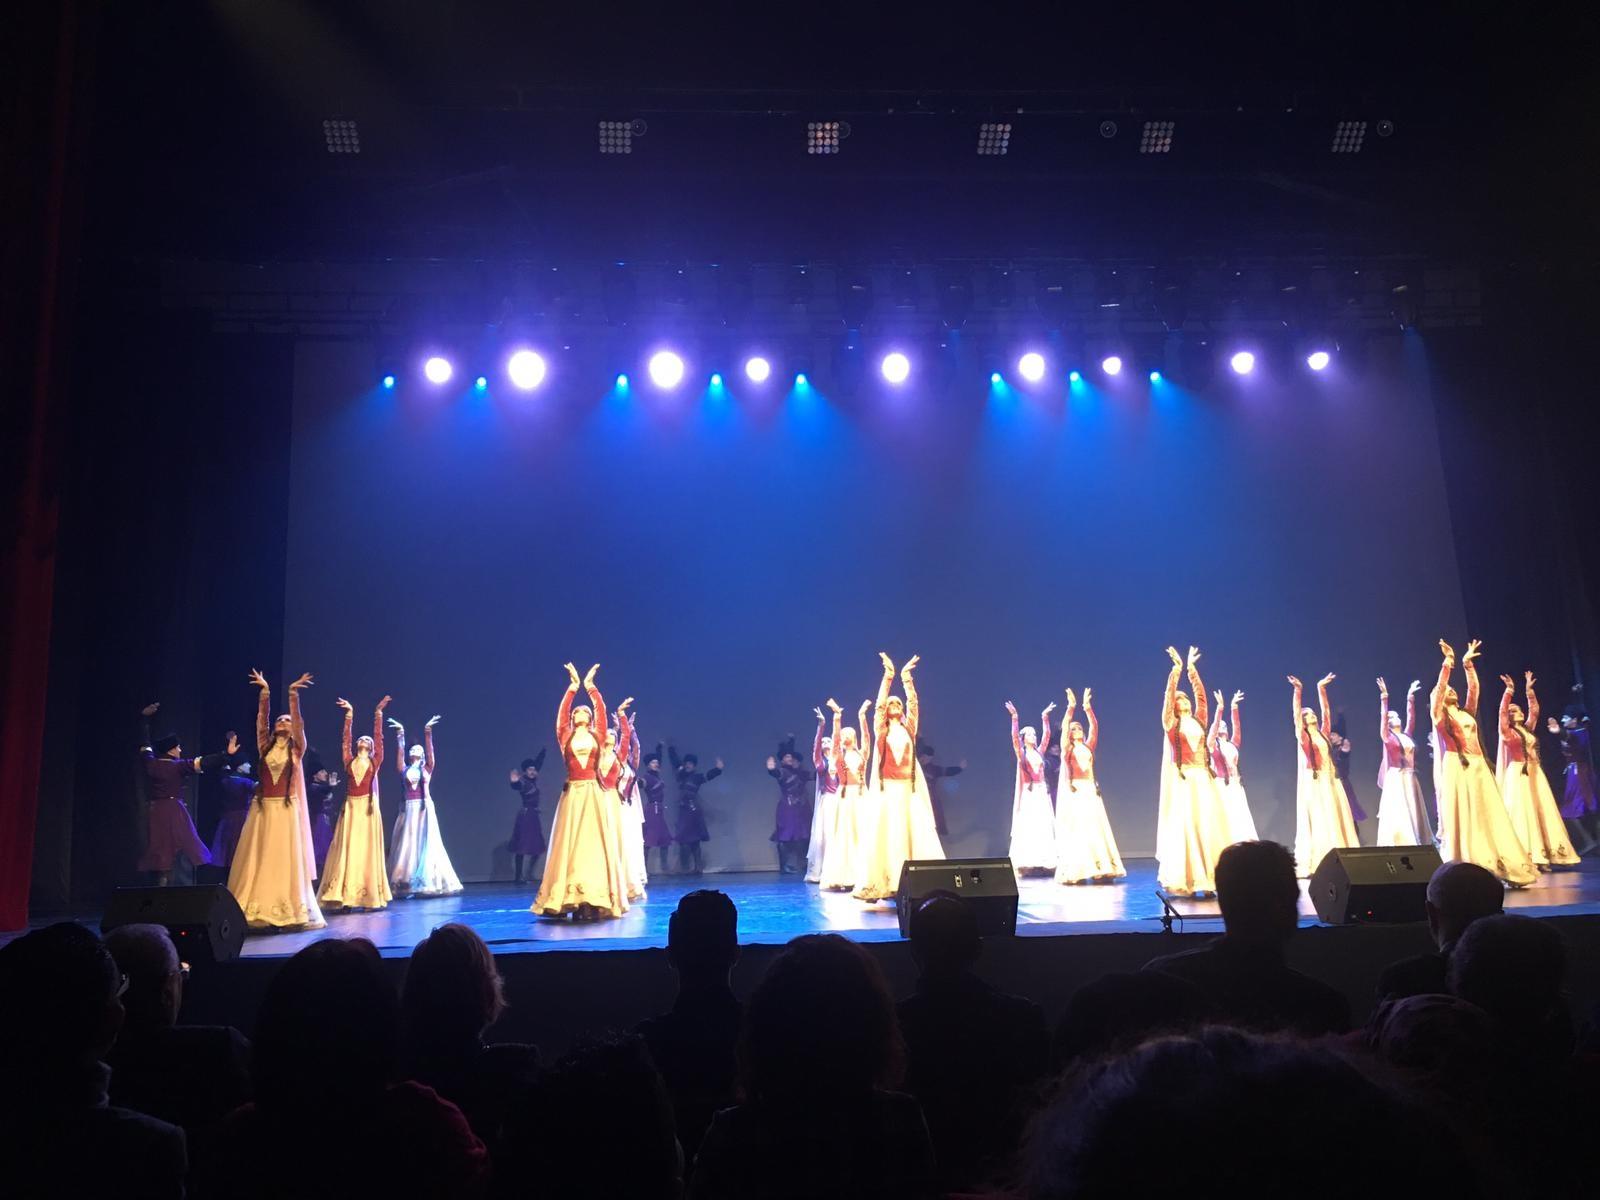 Azarbaycan Cumhuriyeti Devlet Halk Dansları Topluluğu'ndan görsel bir şölen